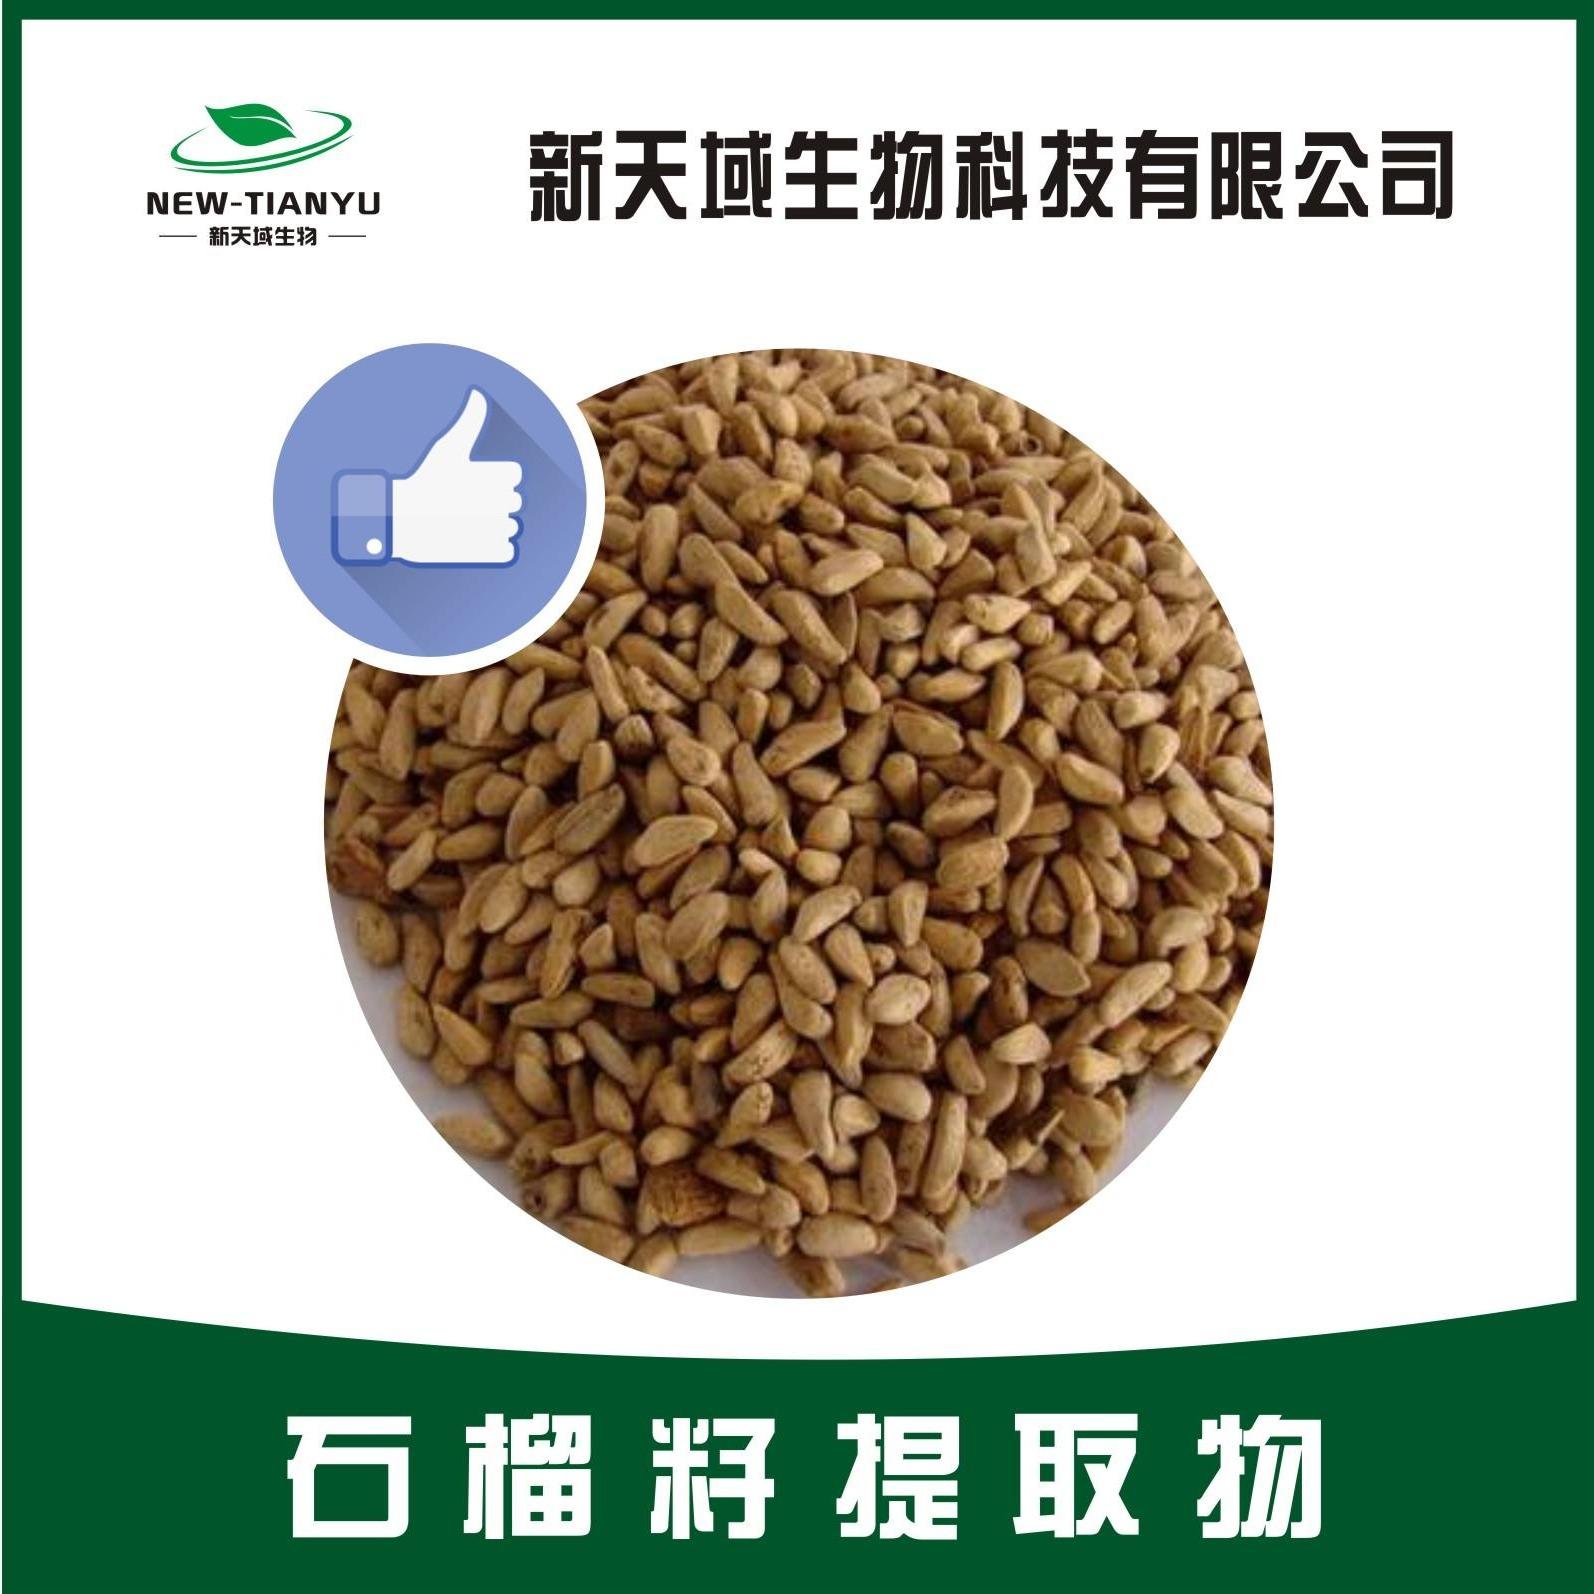 陕西新天域生物 石榴籽提取物 石榴籽浓缩喷雾干燥粉 厂家现货供应